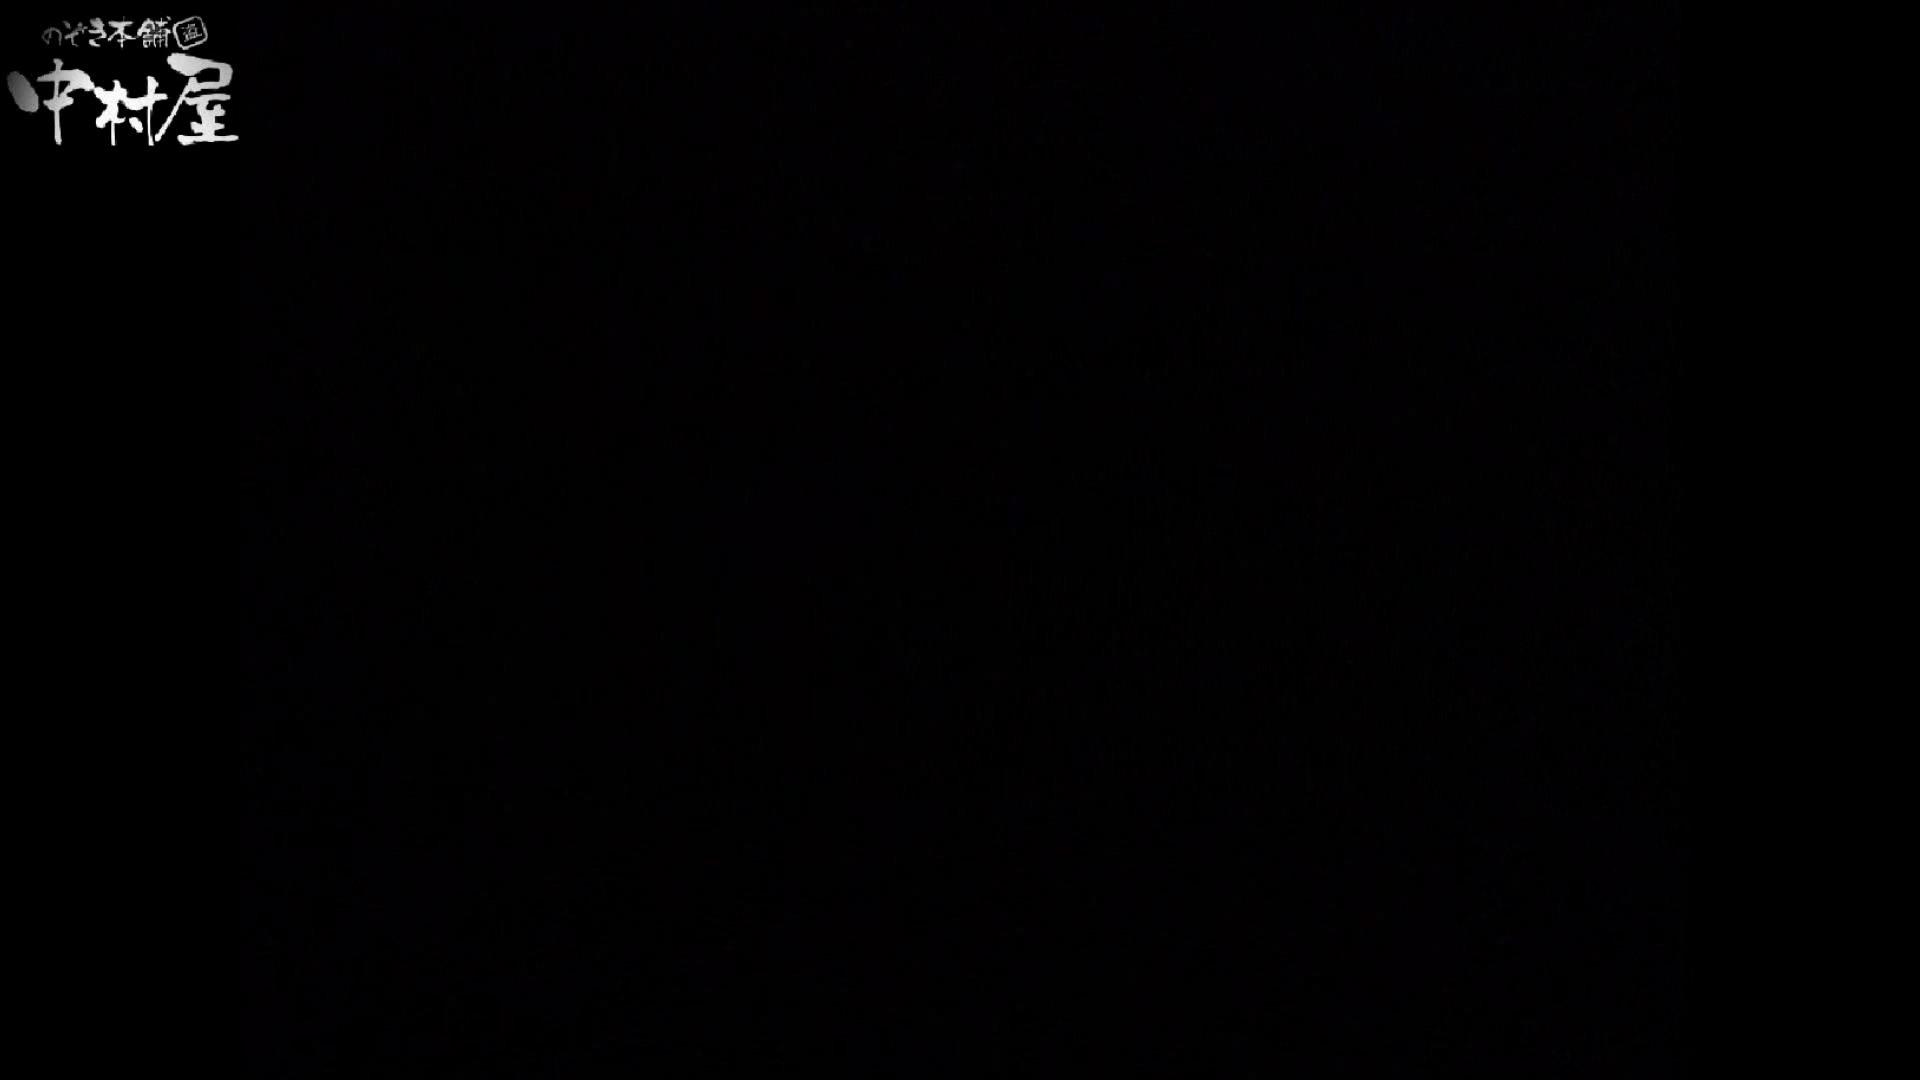 民家風呂専門盗撮師の超危険映像 vol.020 エロい美女 オマンコ無修正動画無料 10枚 3